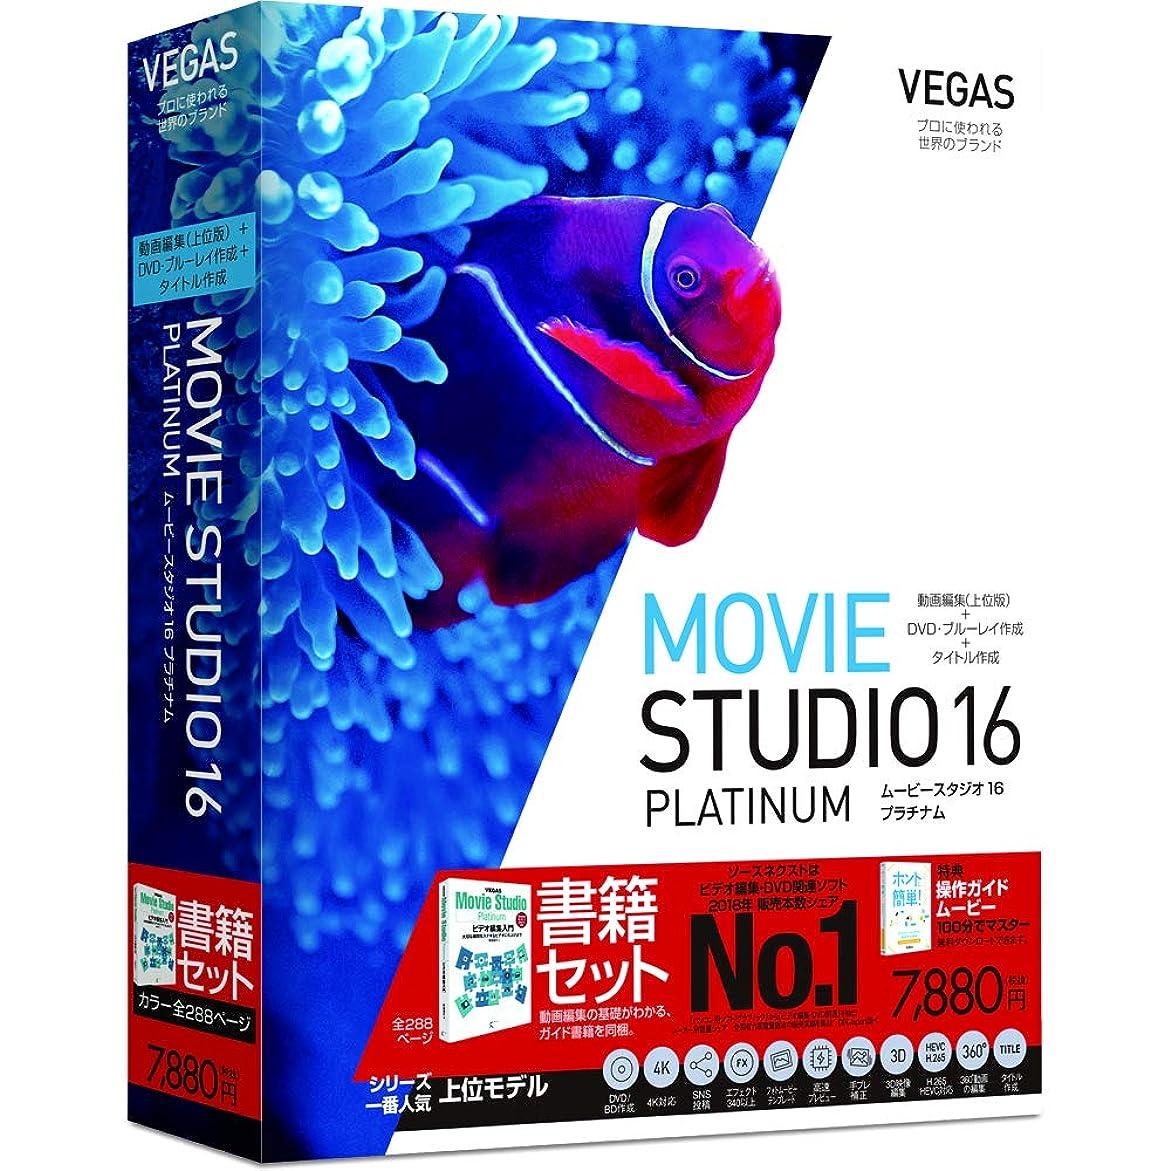 余剰インスタンスけがをするVEGAS Movie Studio 16 Platinumガイドブック版(最新) Win対応